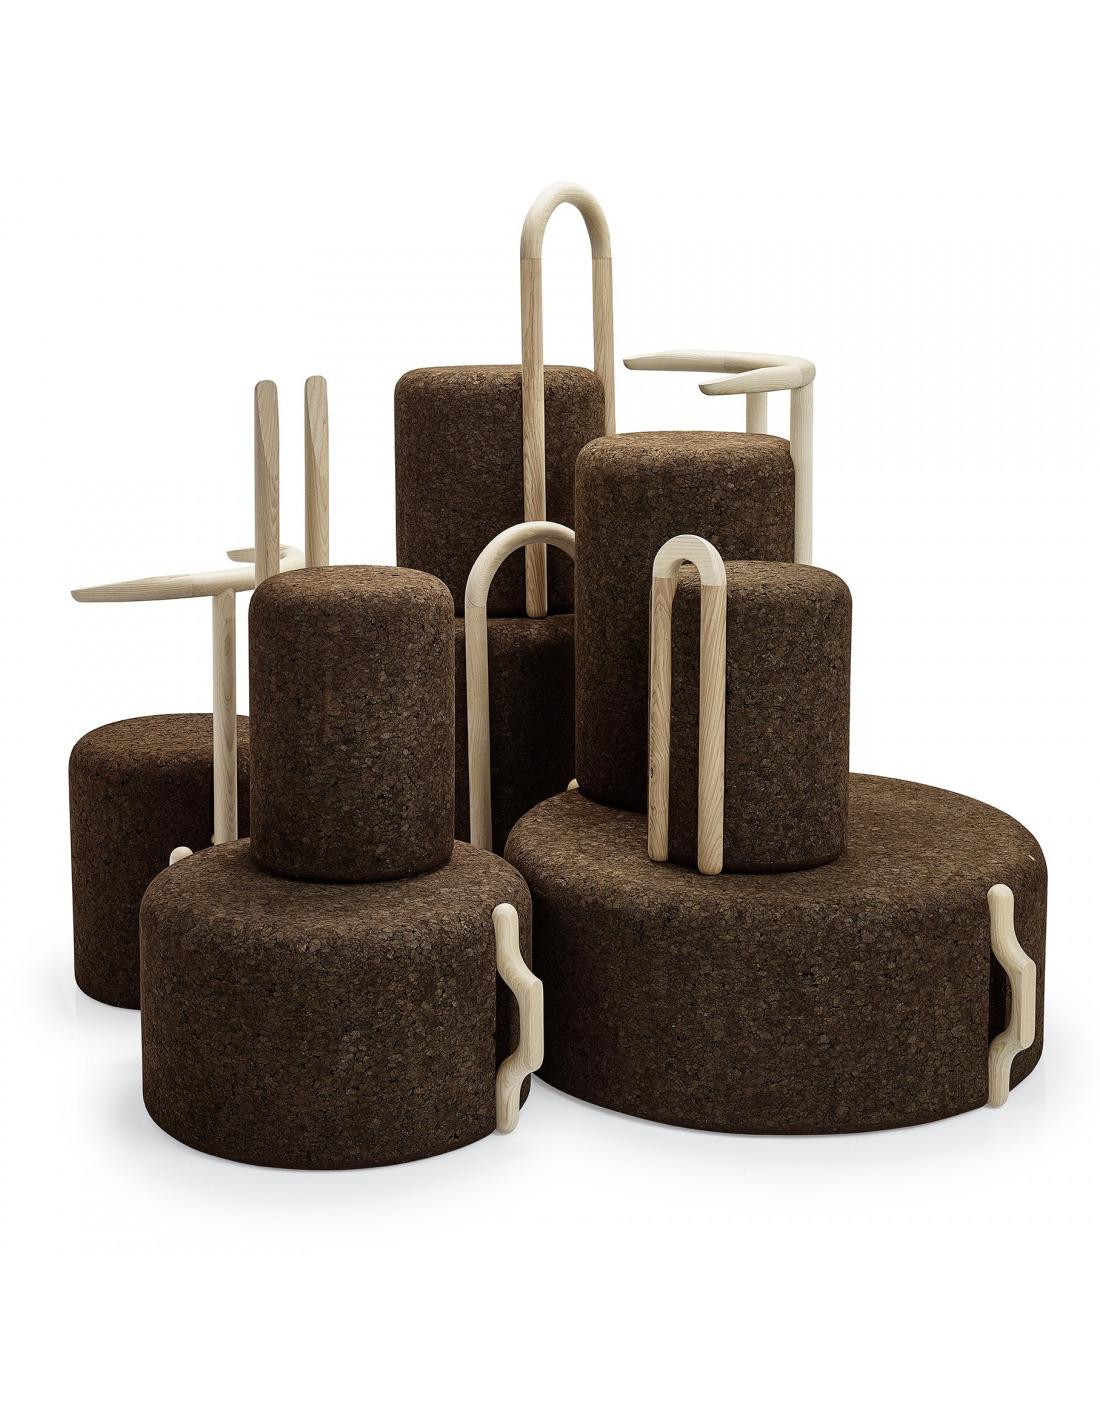 tabouret haut design omega stool high en li ge noir naturel et bois otoko. Black Bedroom Furniture Sets. Home Design Ideas